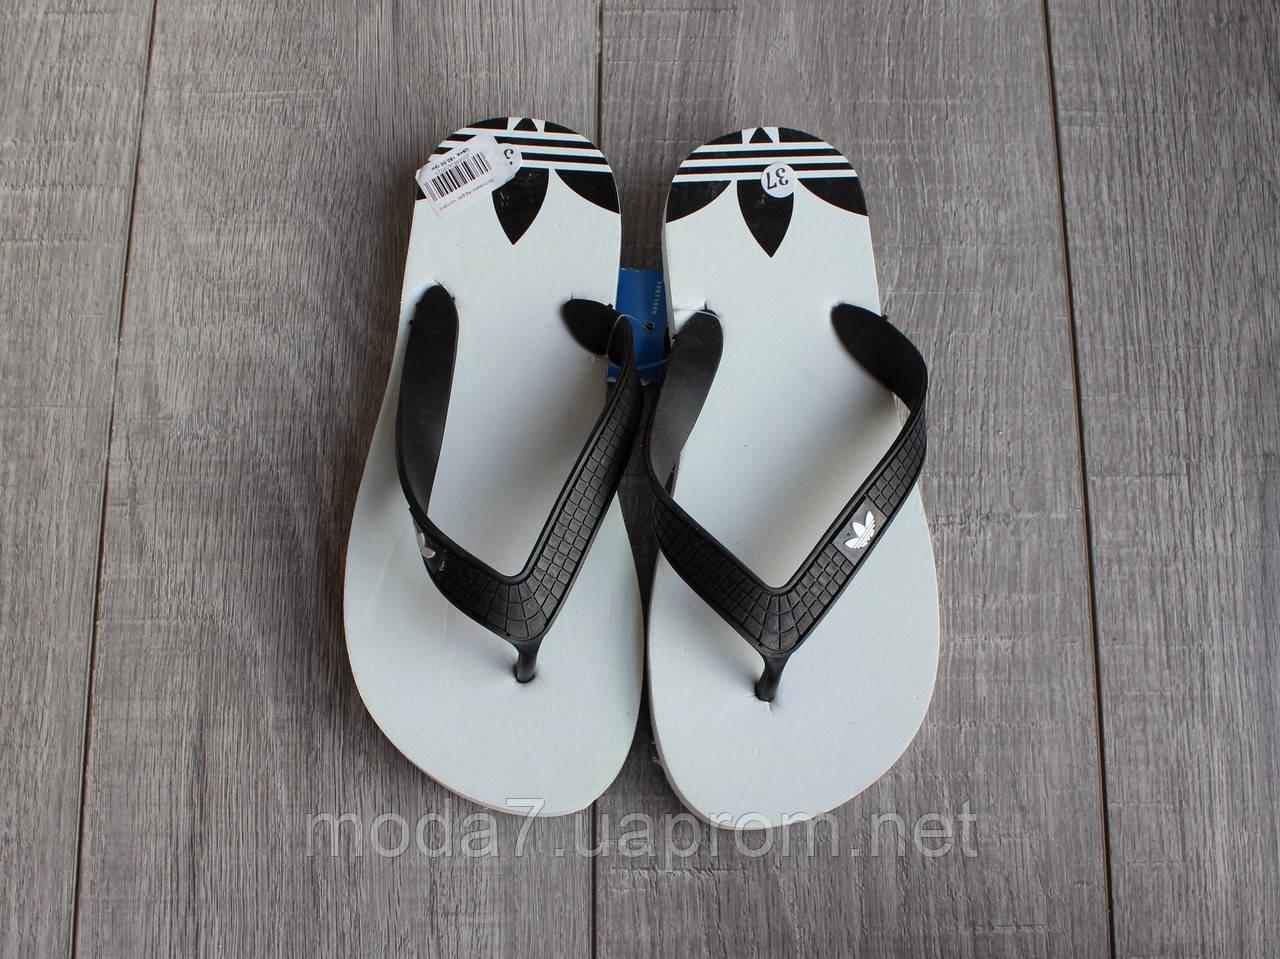 Вьетнамки подростковые белые Adidas реплика